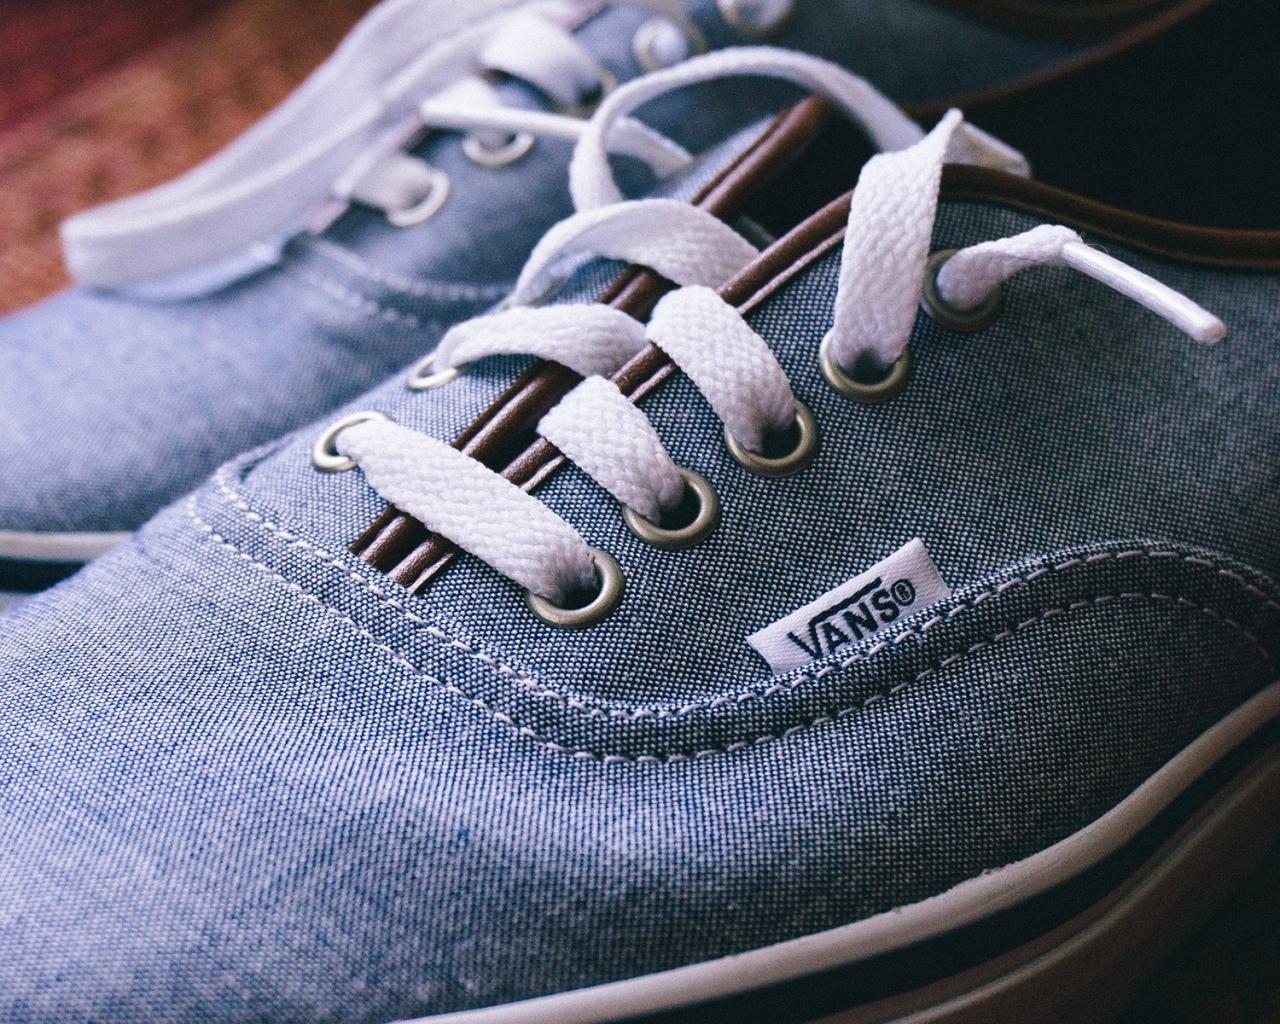 Zapatillas de lona - 1280x1024